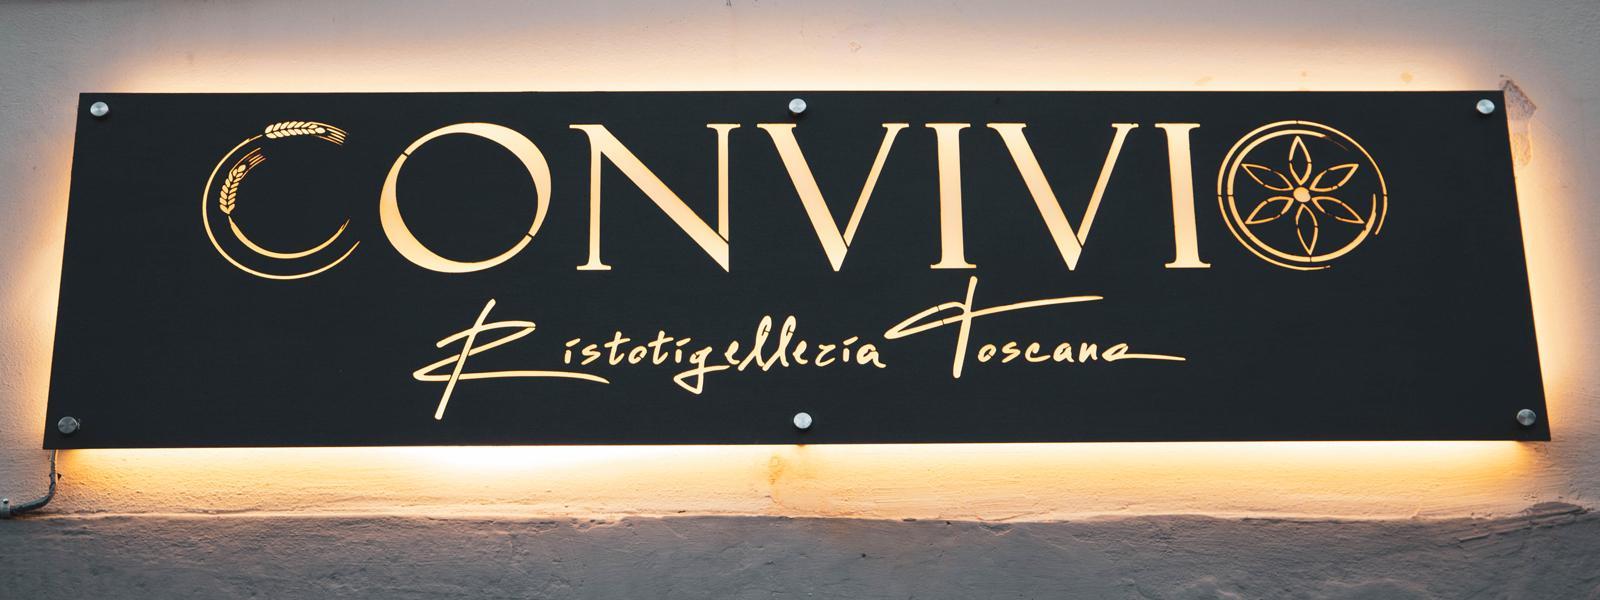 Convivio Ristotigelleria Toscana Ristorante Vetrinando Arezzo